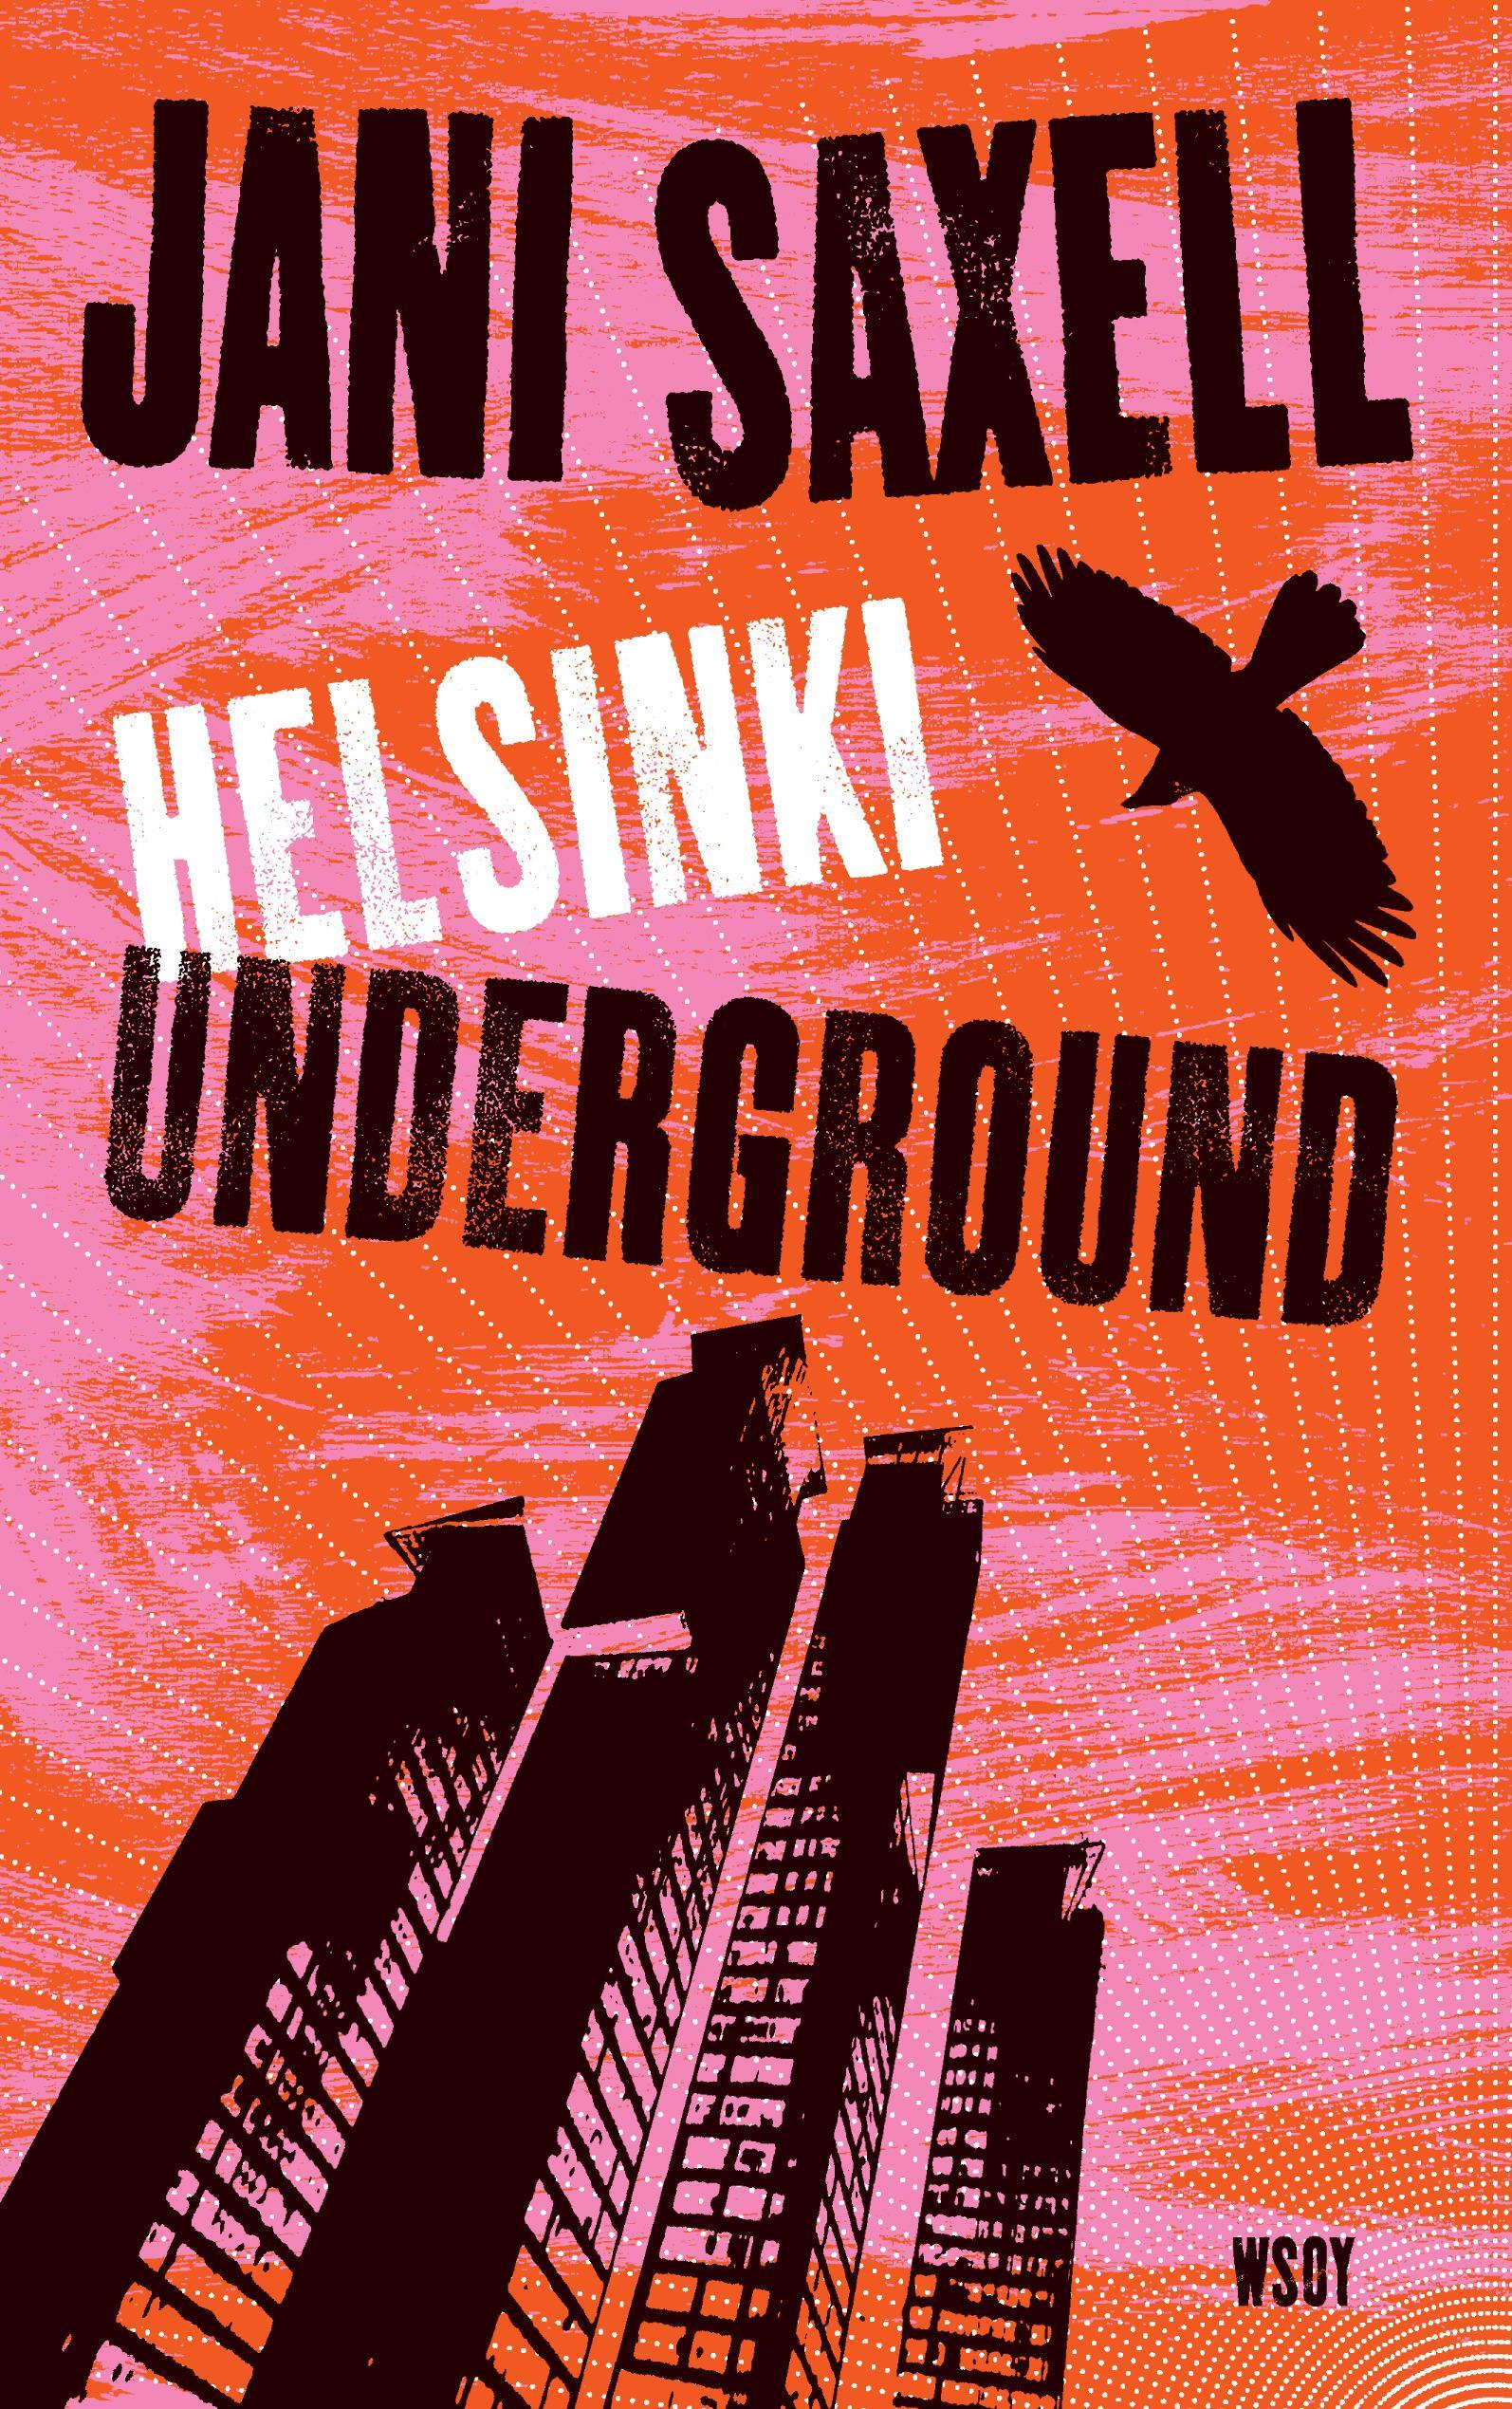 Helsinki Undergroundista